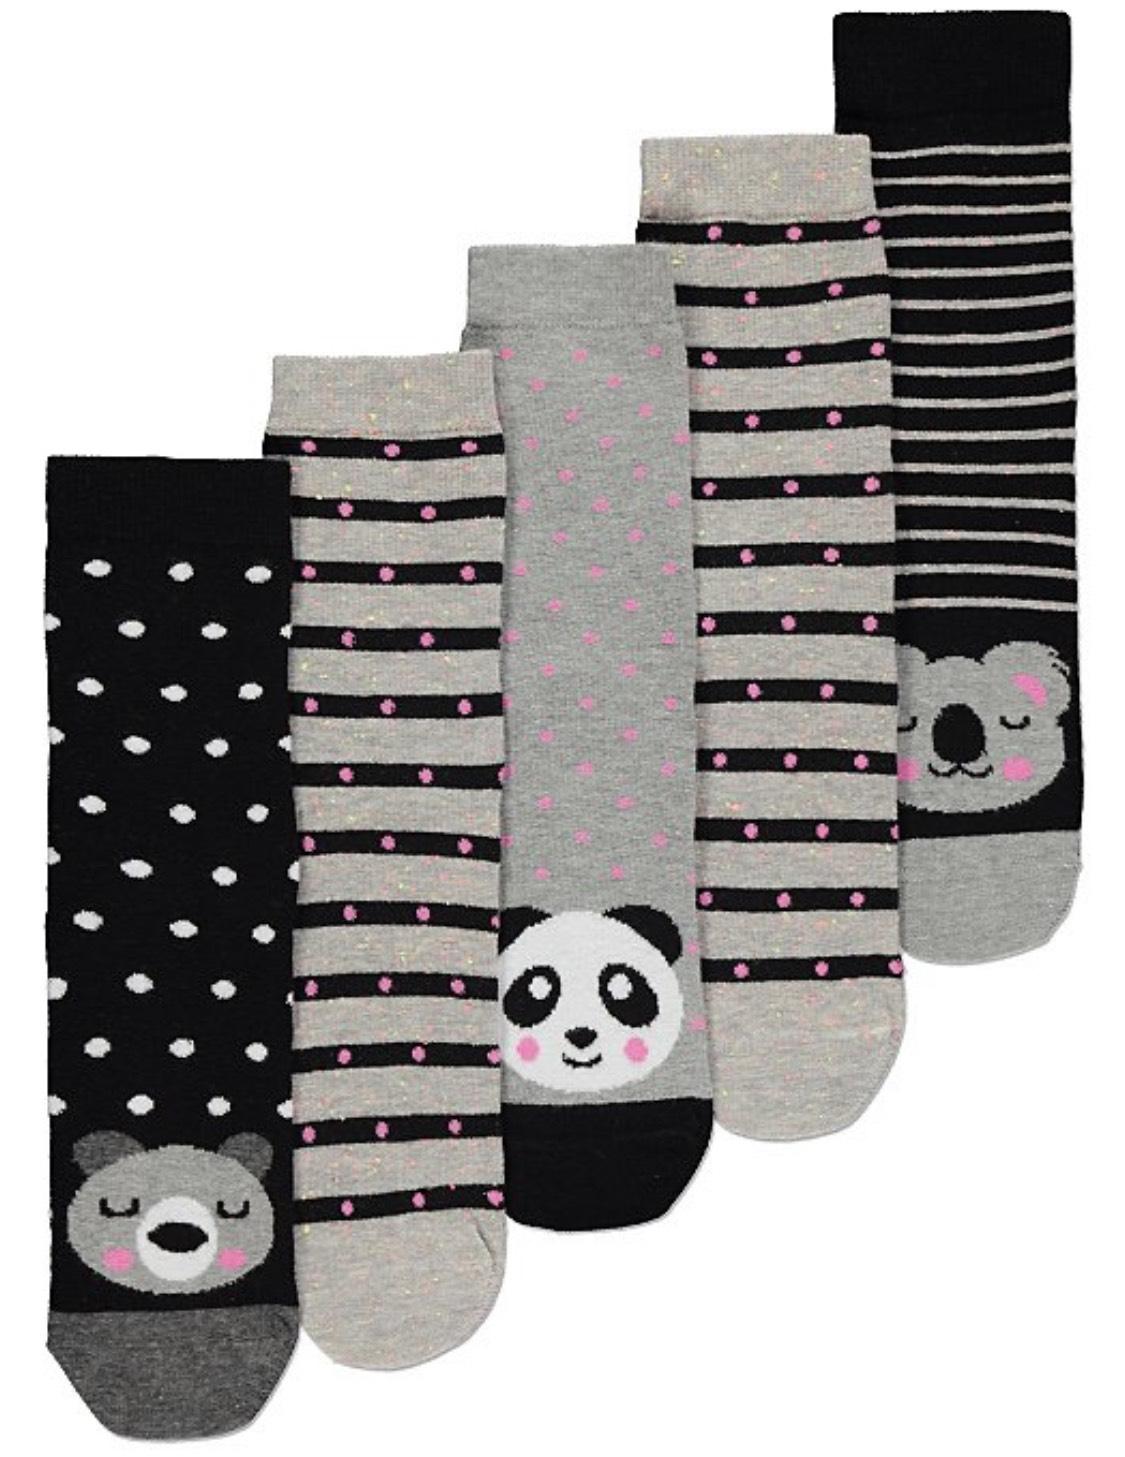 Animal Print Socks - 5 Pack - £2 @ Asda (Free C&C)